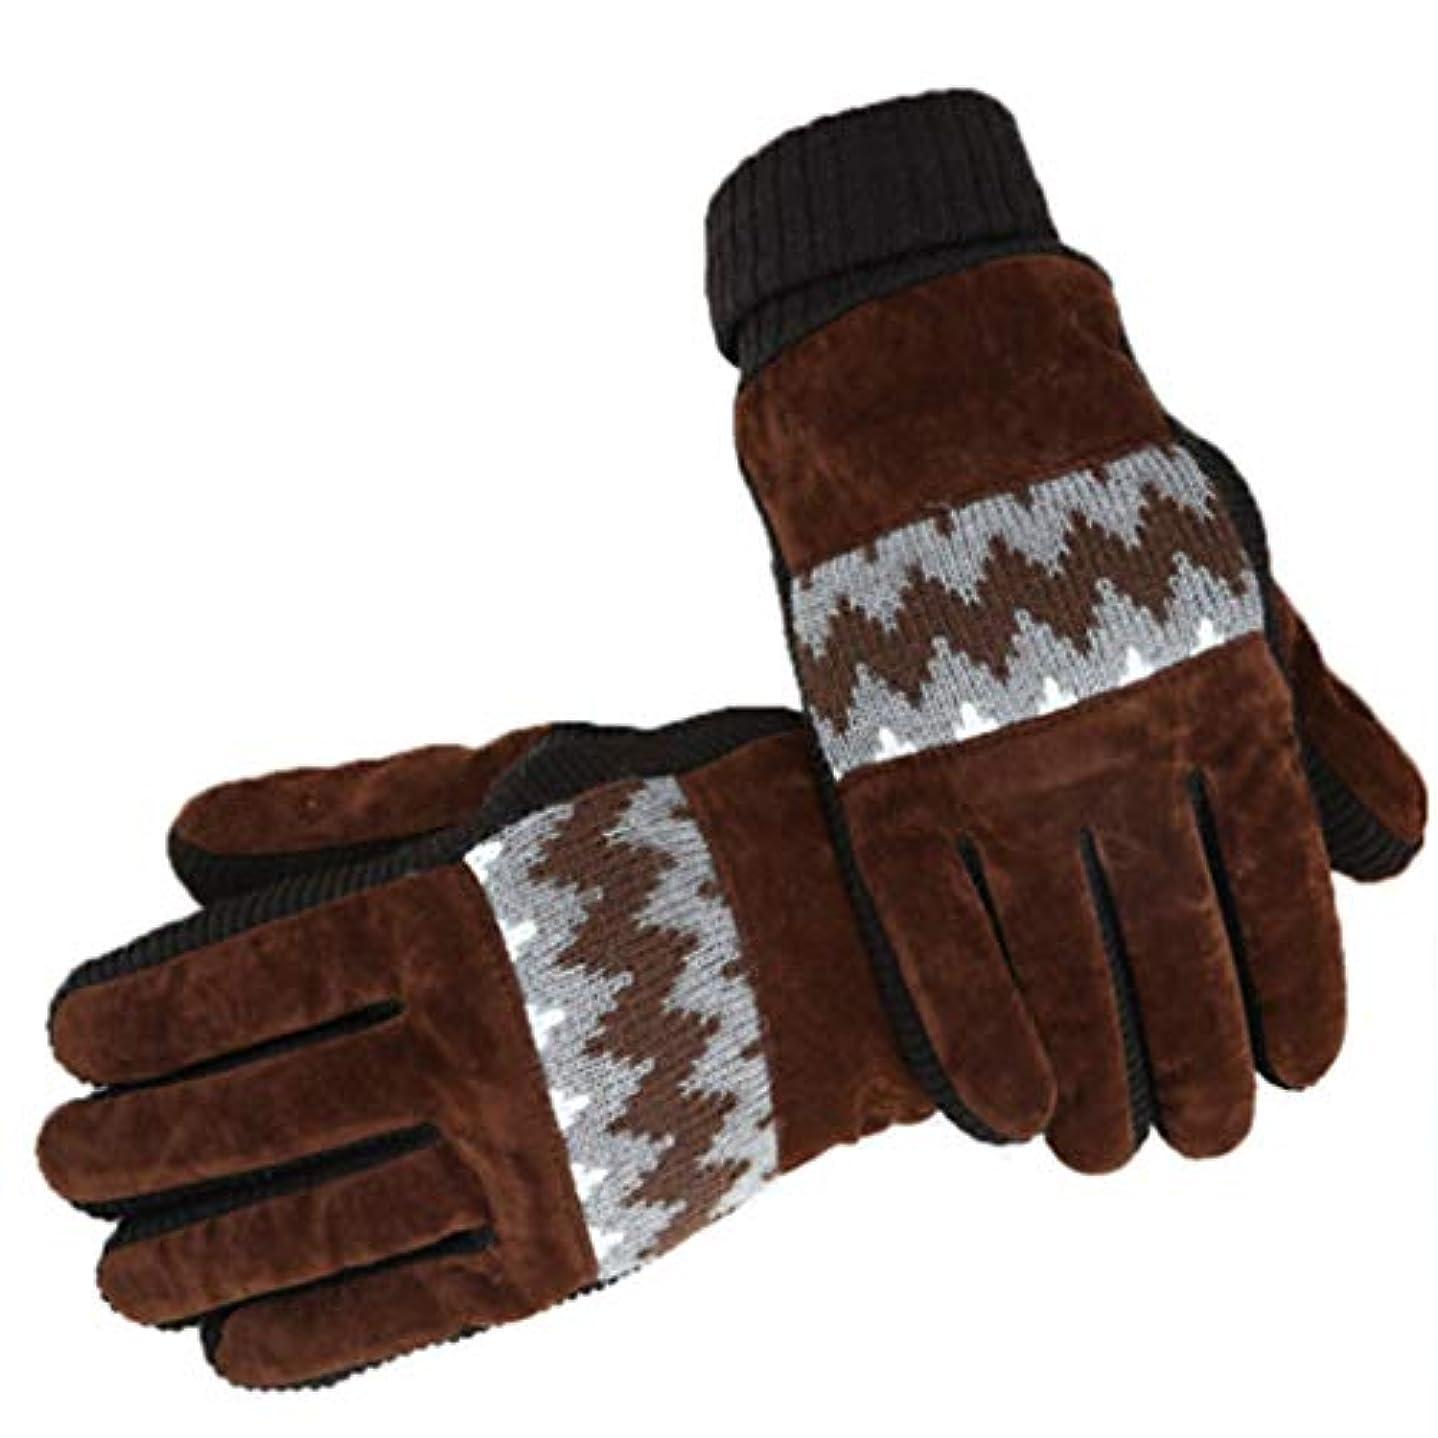 ピザ小道具展望台手袋の男性の冬プラスベルベット寒い暖かいサイクリング秋と冬の防風タッチスクリーンの綿手袋の水リップル黒 (色 : Brown)